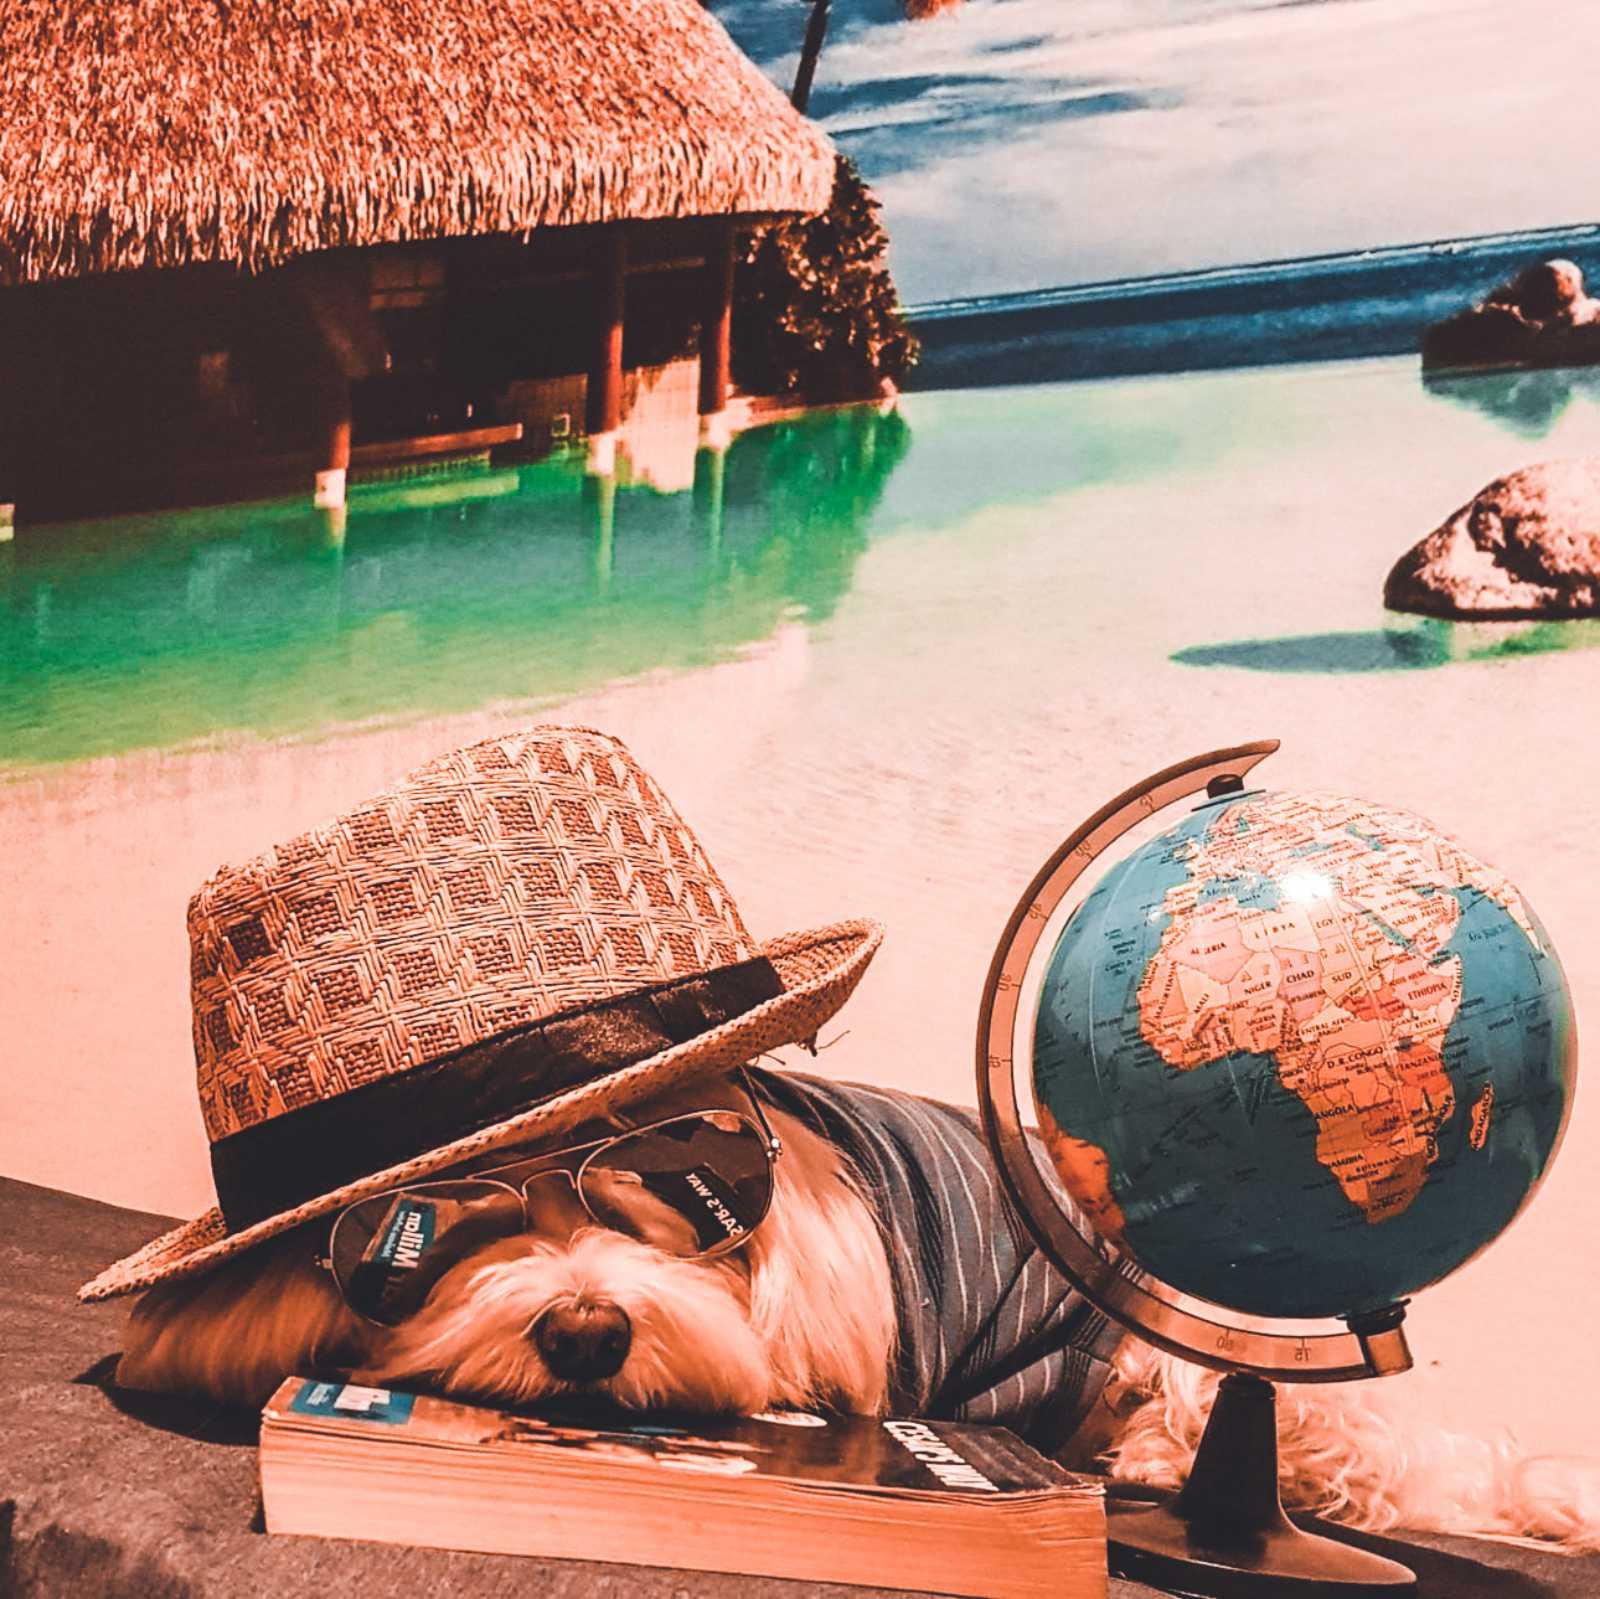 Putovanje – sa ili bez psa?